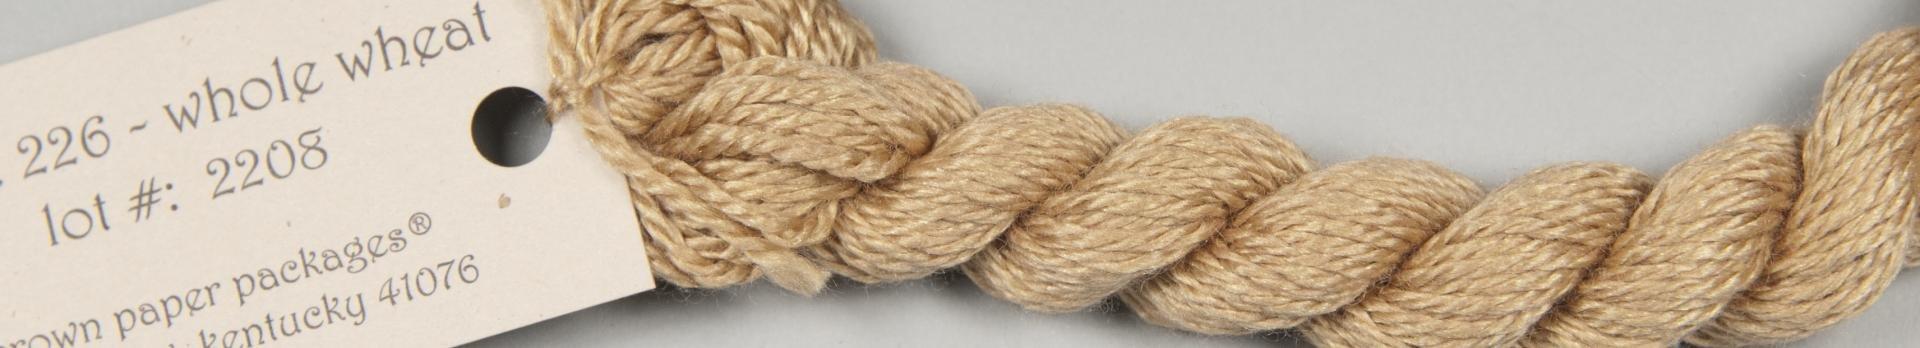 Silk & Ivory 226 Whole Wheat